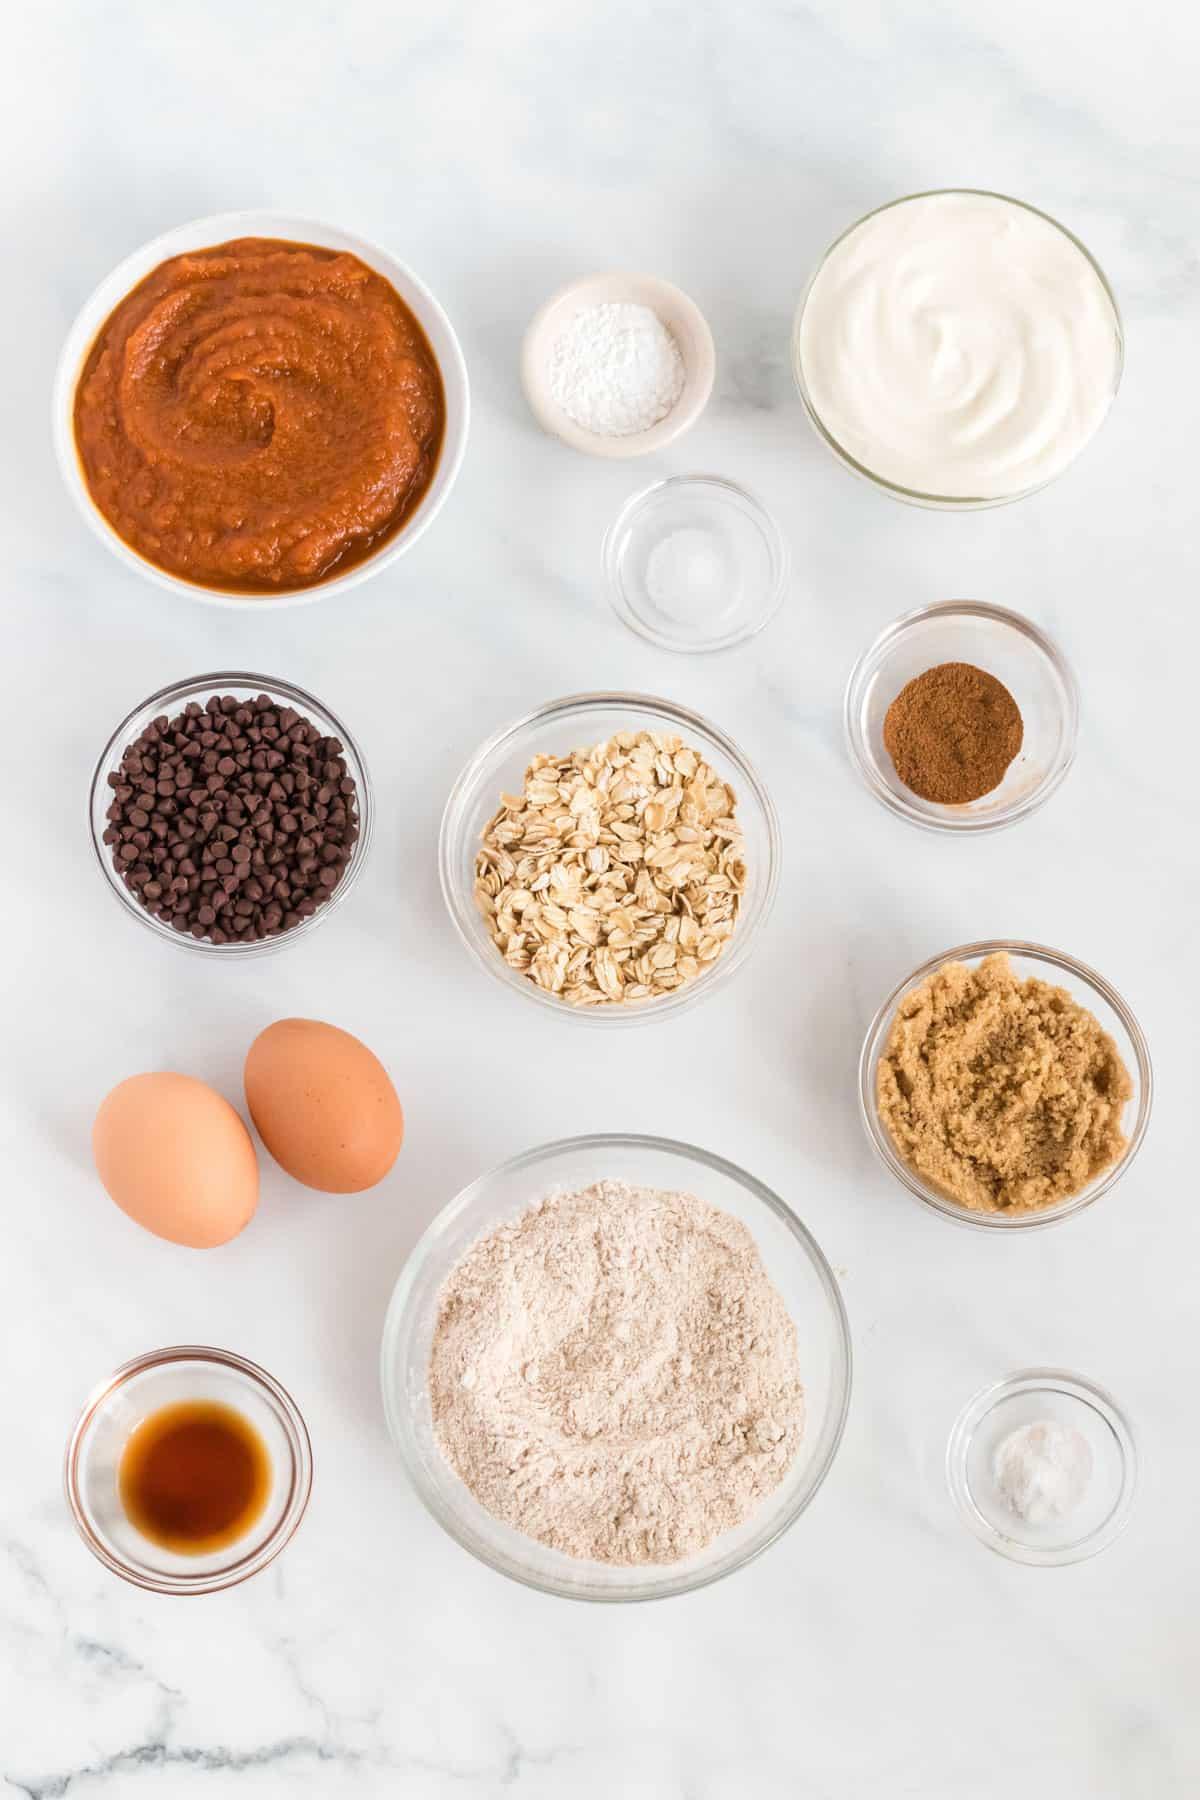 ingredients to make healthy pumpkin muffins